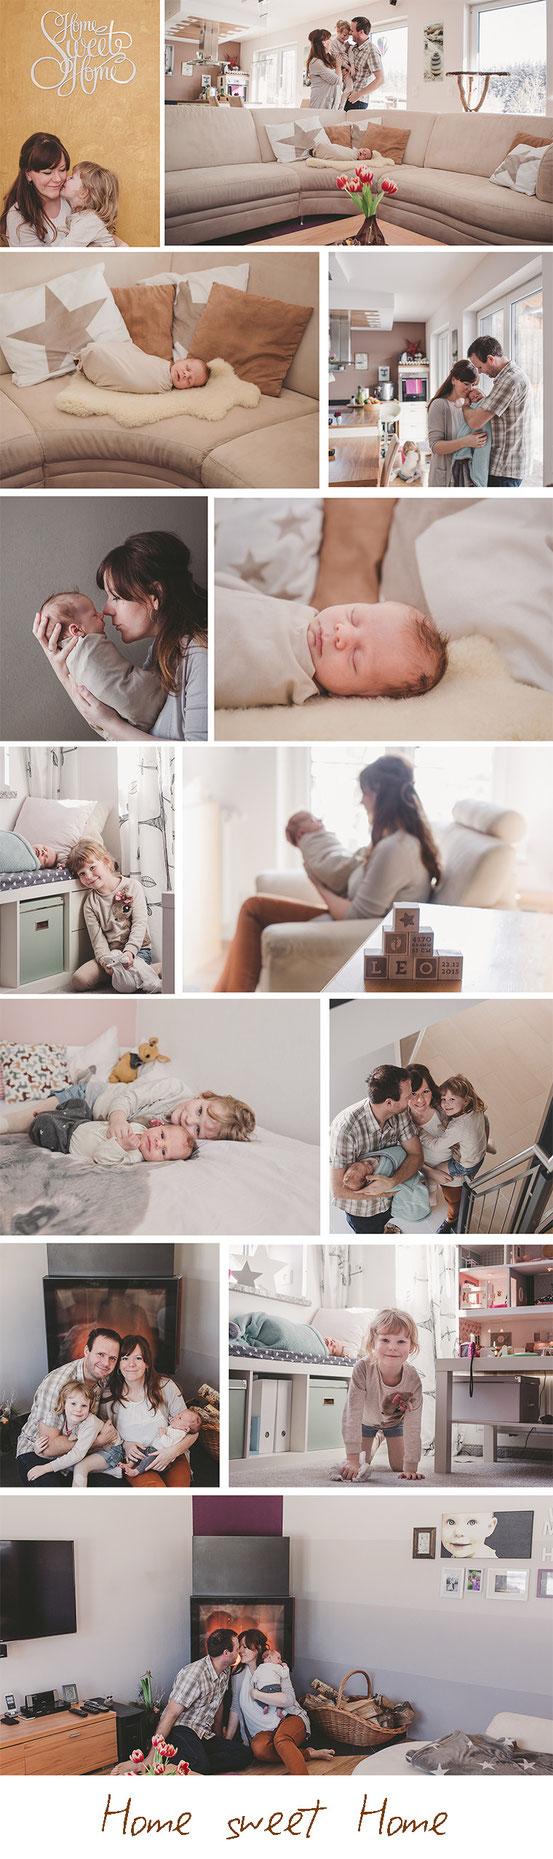 Baby Kinder Neugeborenen Familien Schwangeren und Hochzeitsfotografie Lichtbildkuenstlerei Homeshooting Lifestyle Reportage Newborn Fotograf Zwickau Hebamme Rettke